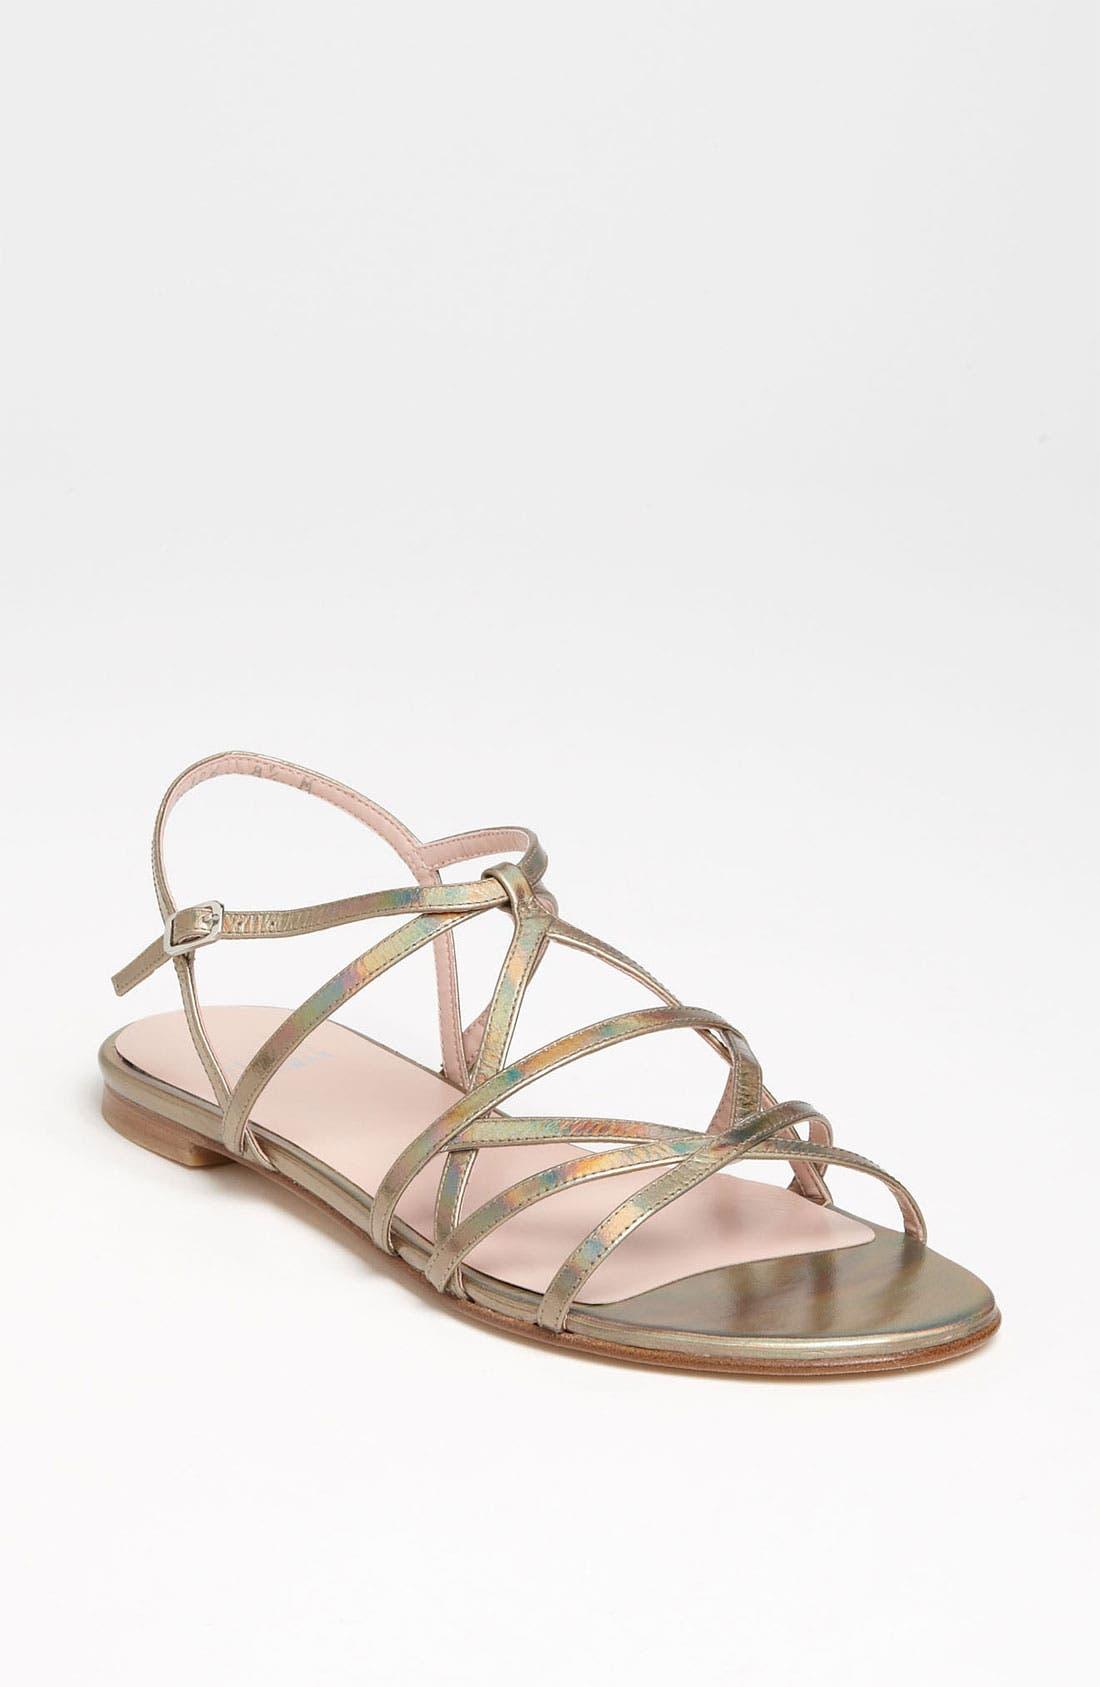 Alternate Image 1 Selected - Stuart Weitzman 'Transito' Sandal